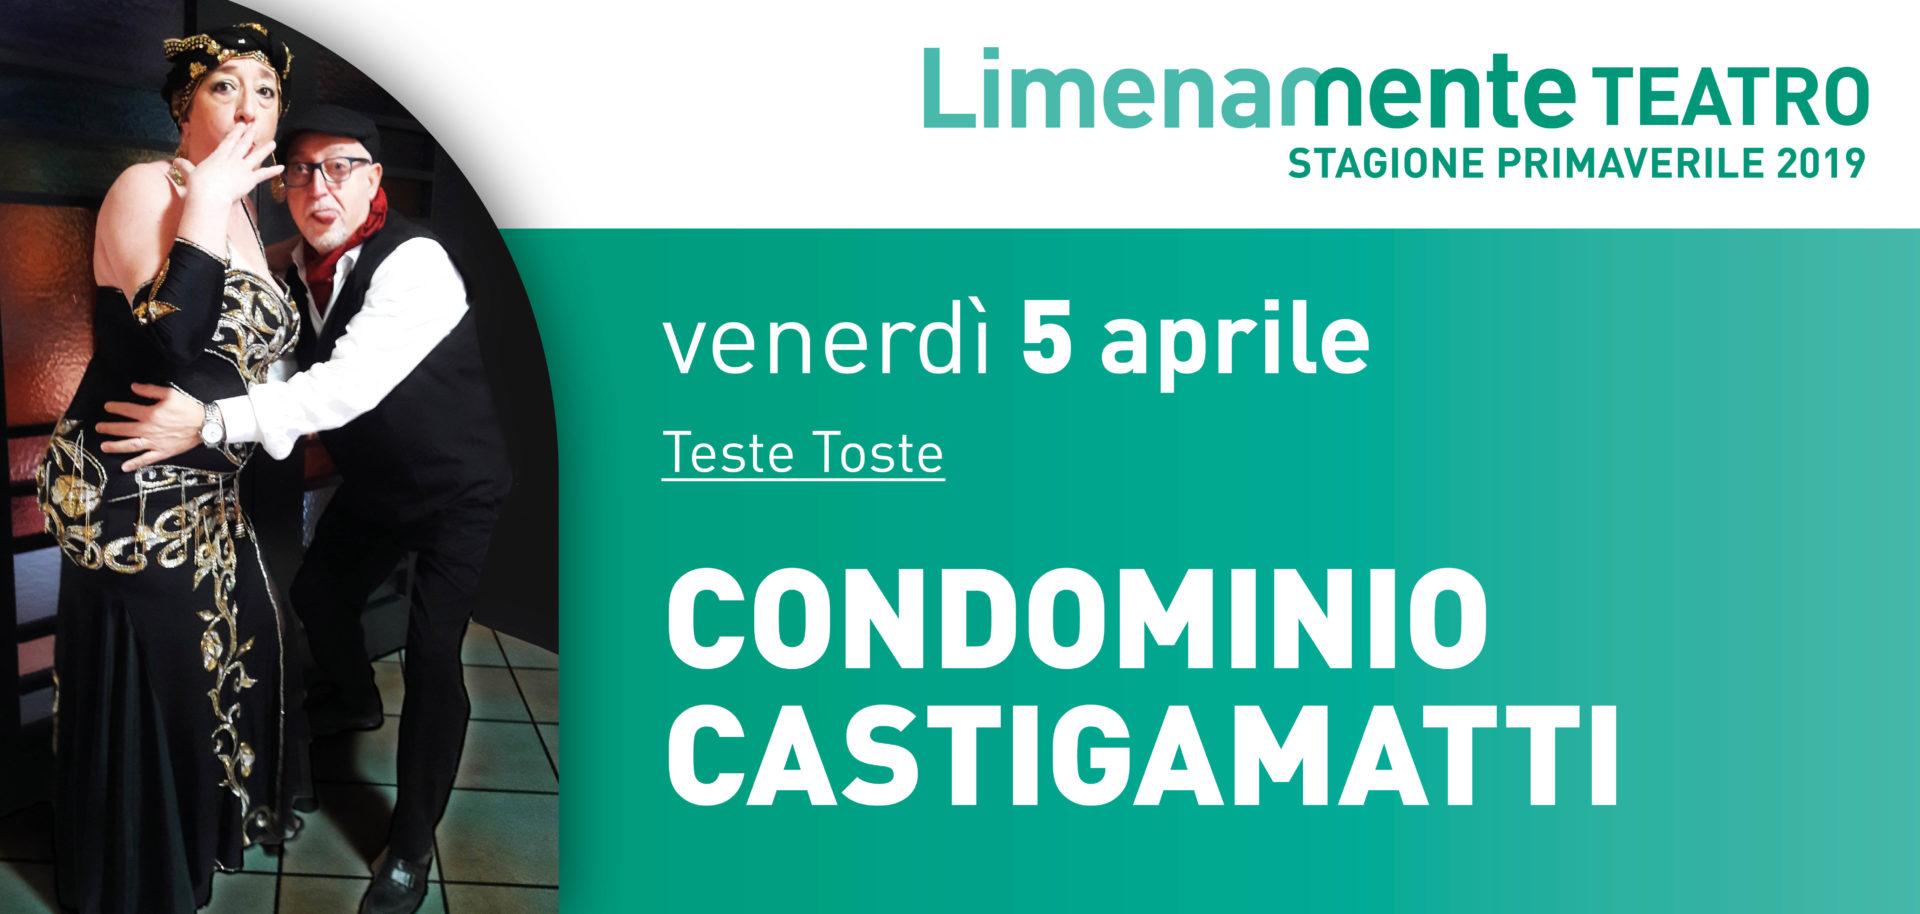 Condominio Castigamatti